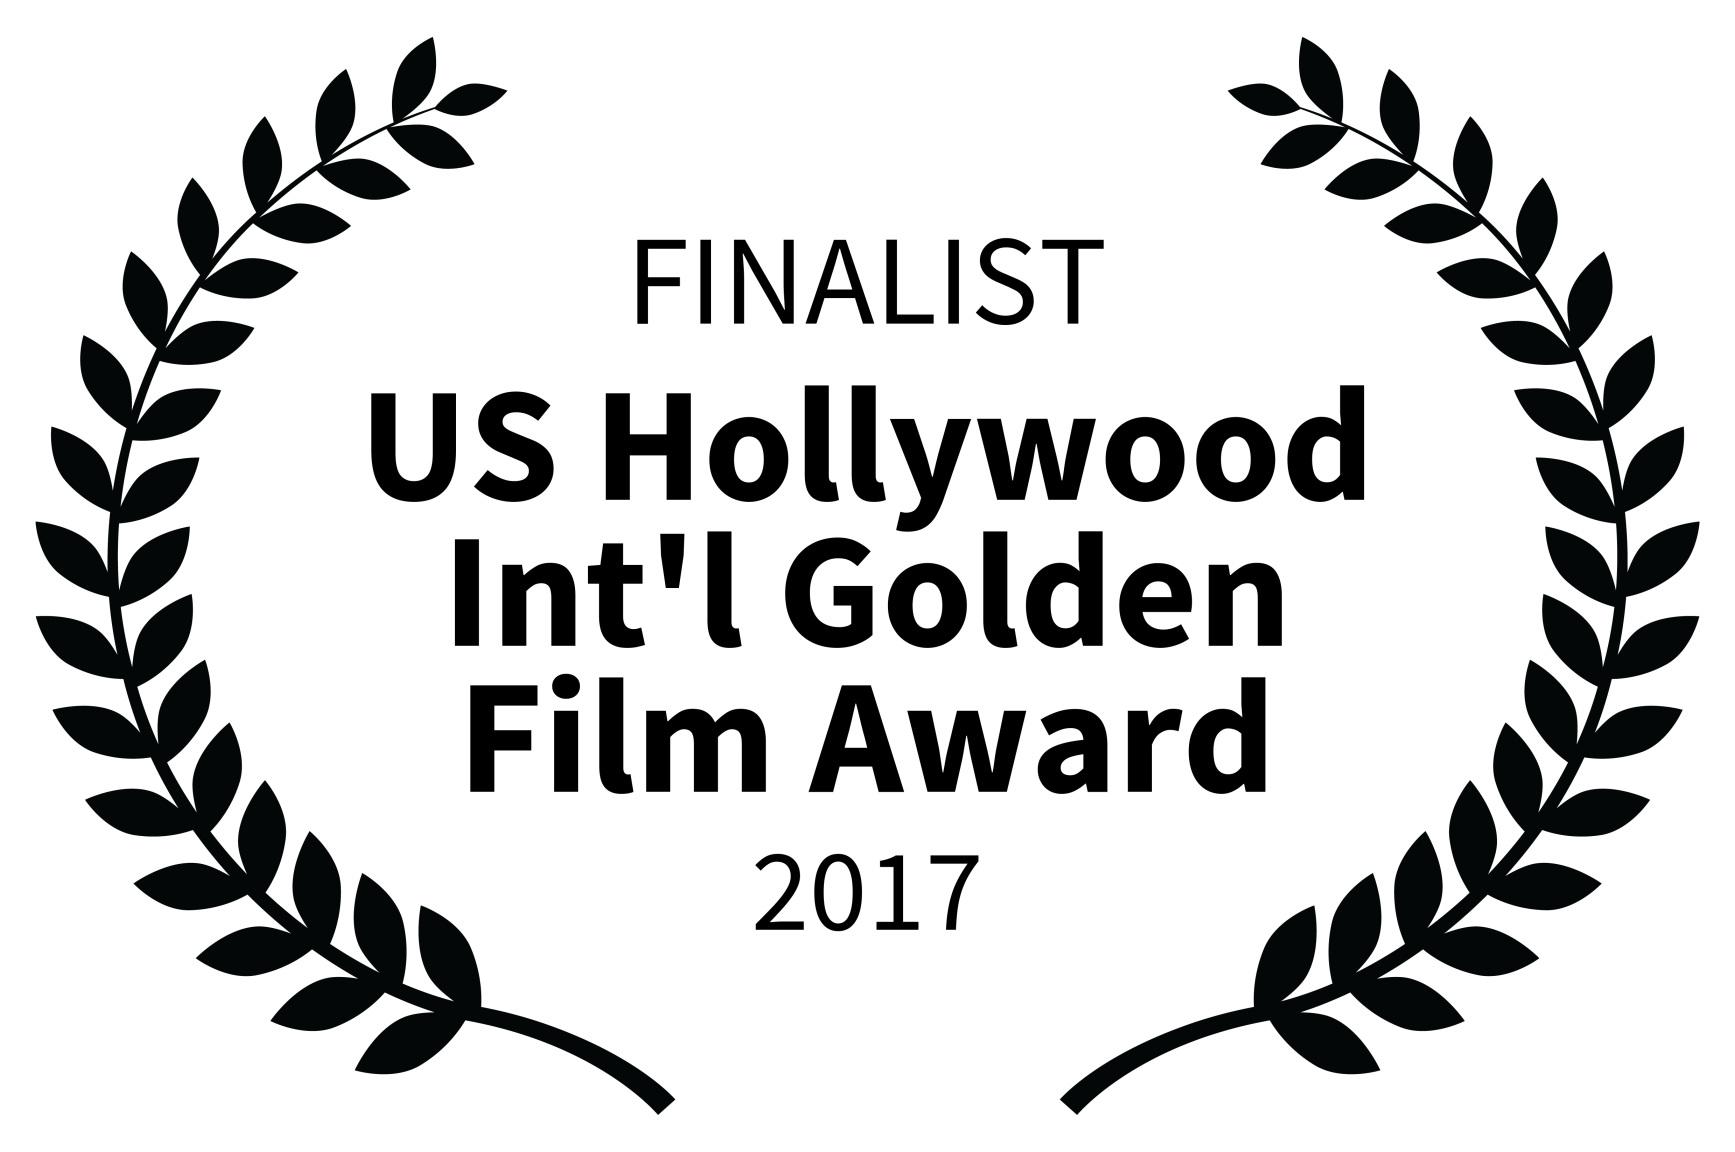 FINALIST+-+US+Hollywood+Intl+Golden+Film+Award+-+2017.jpg